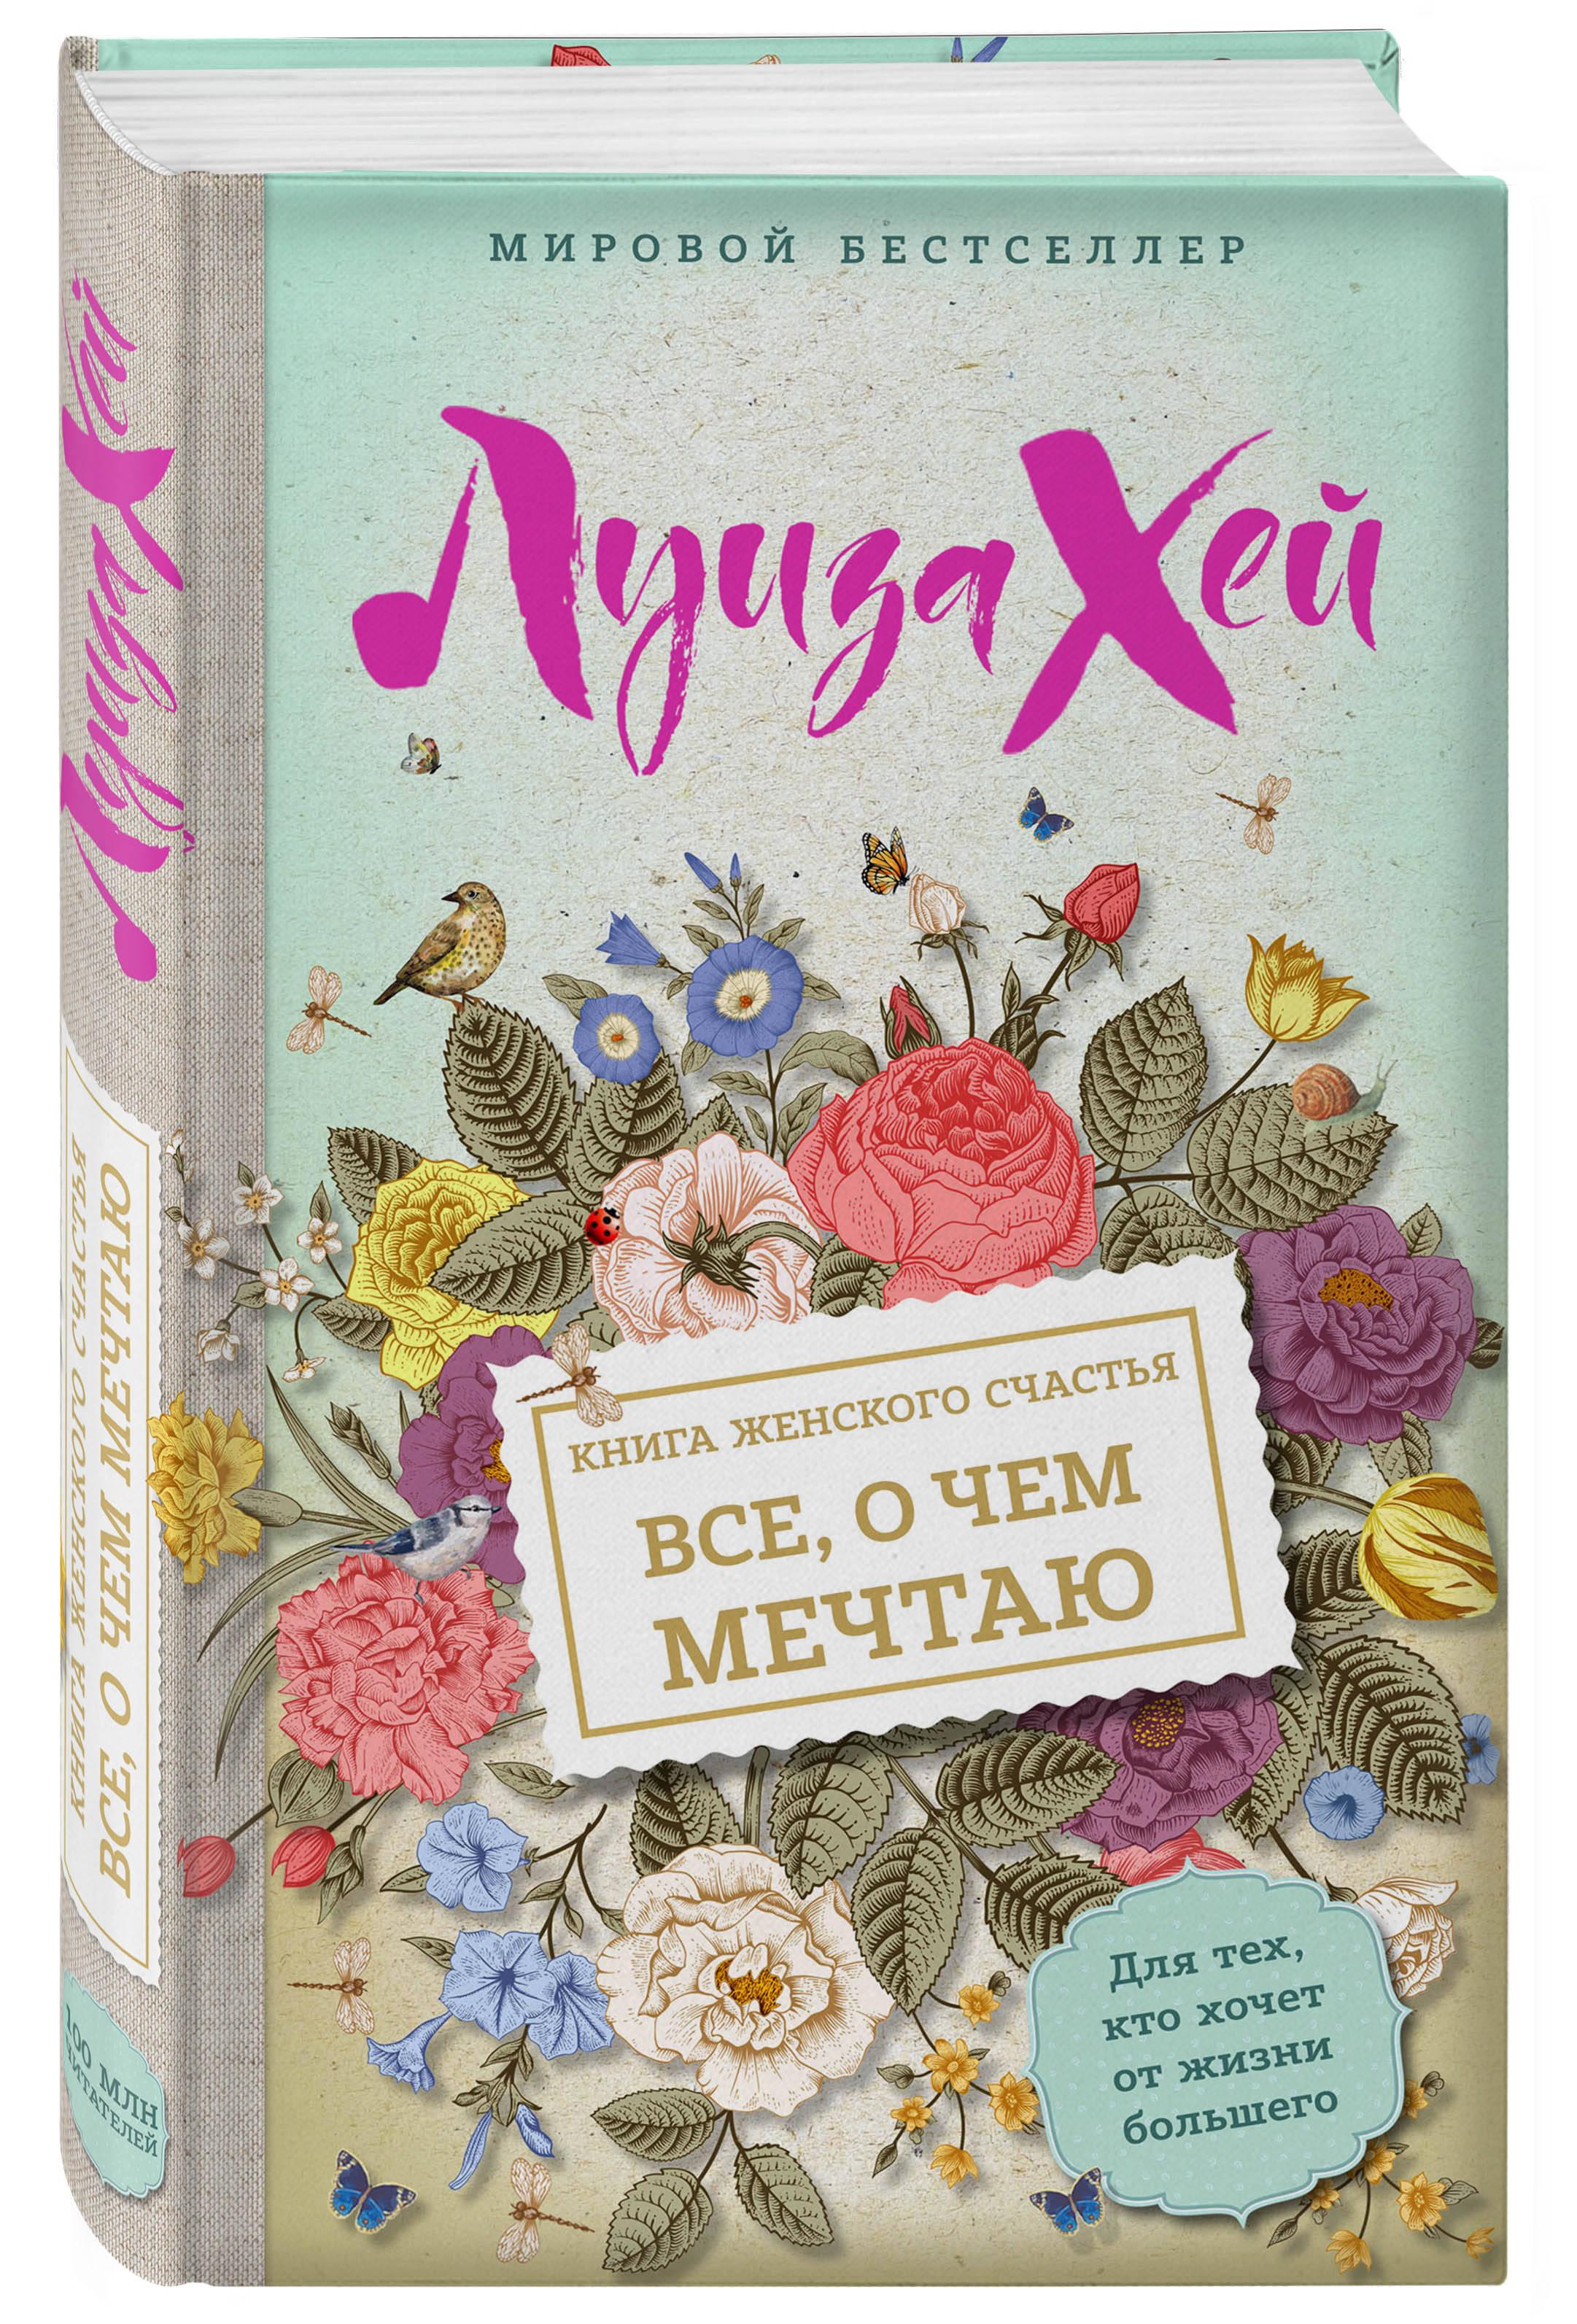 Луиза Хей Книга женского счастья. Все о чем мечтаю луиза л хей магия счастья комплект из 3 книг